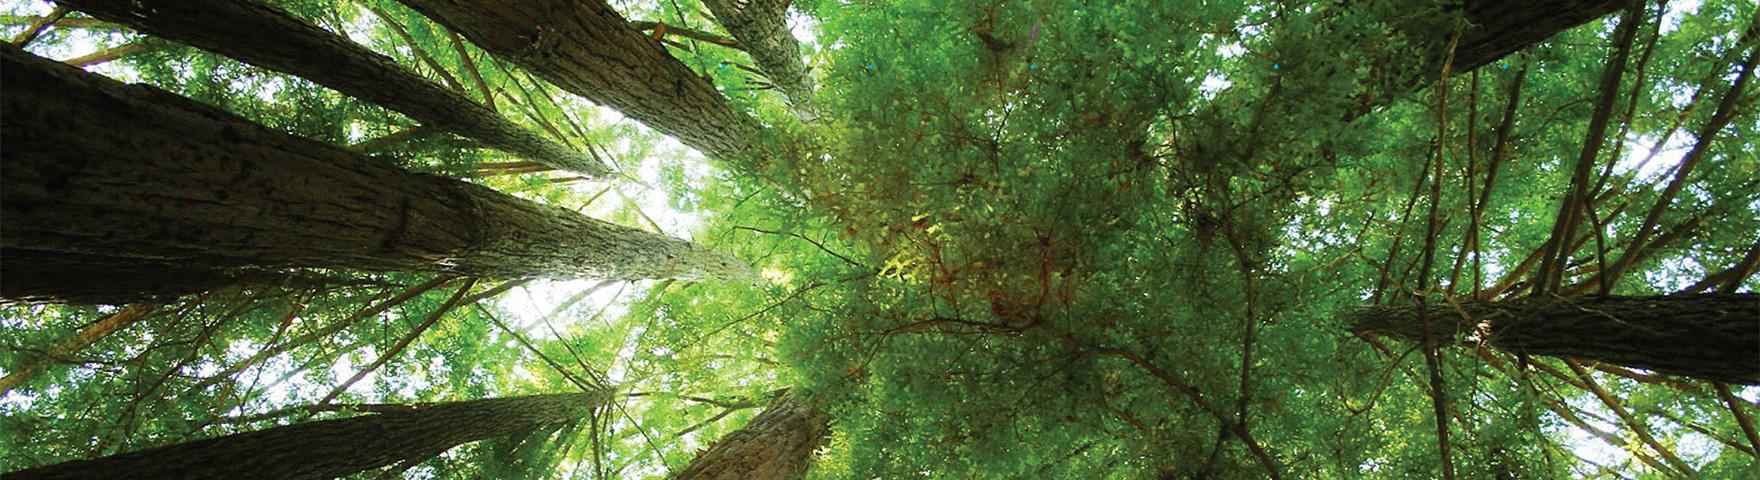 5 maneiras de diminuir seu impacto ambiental